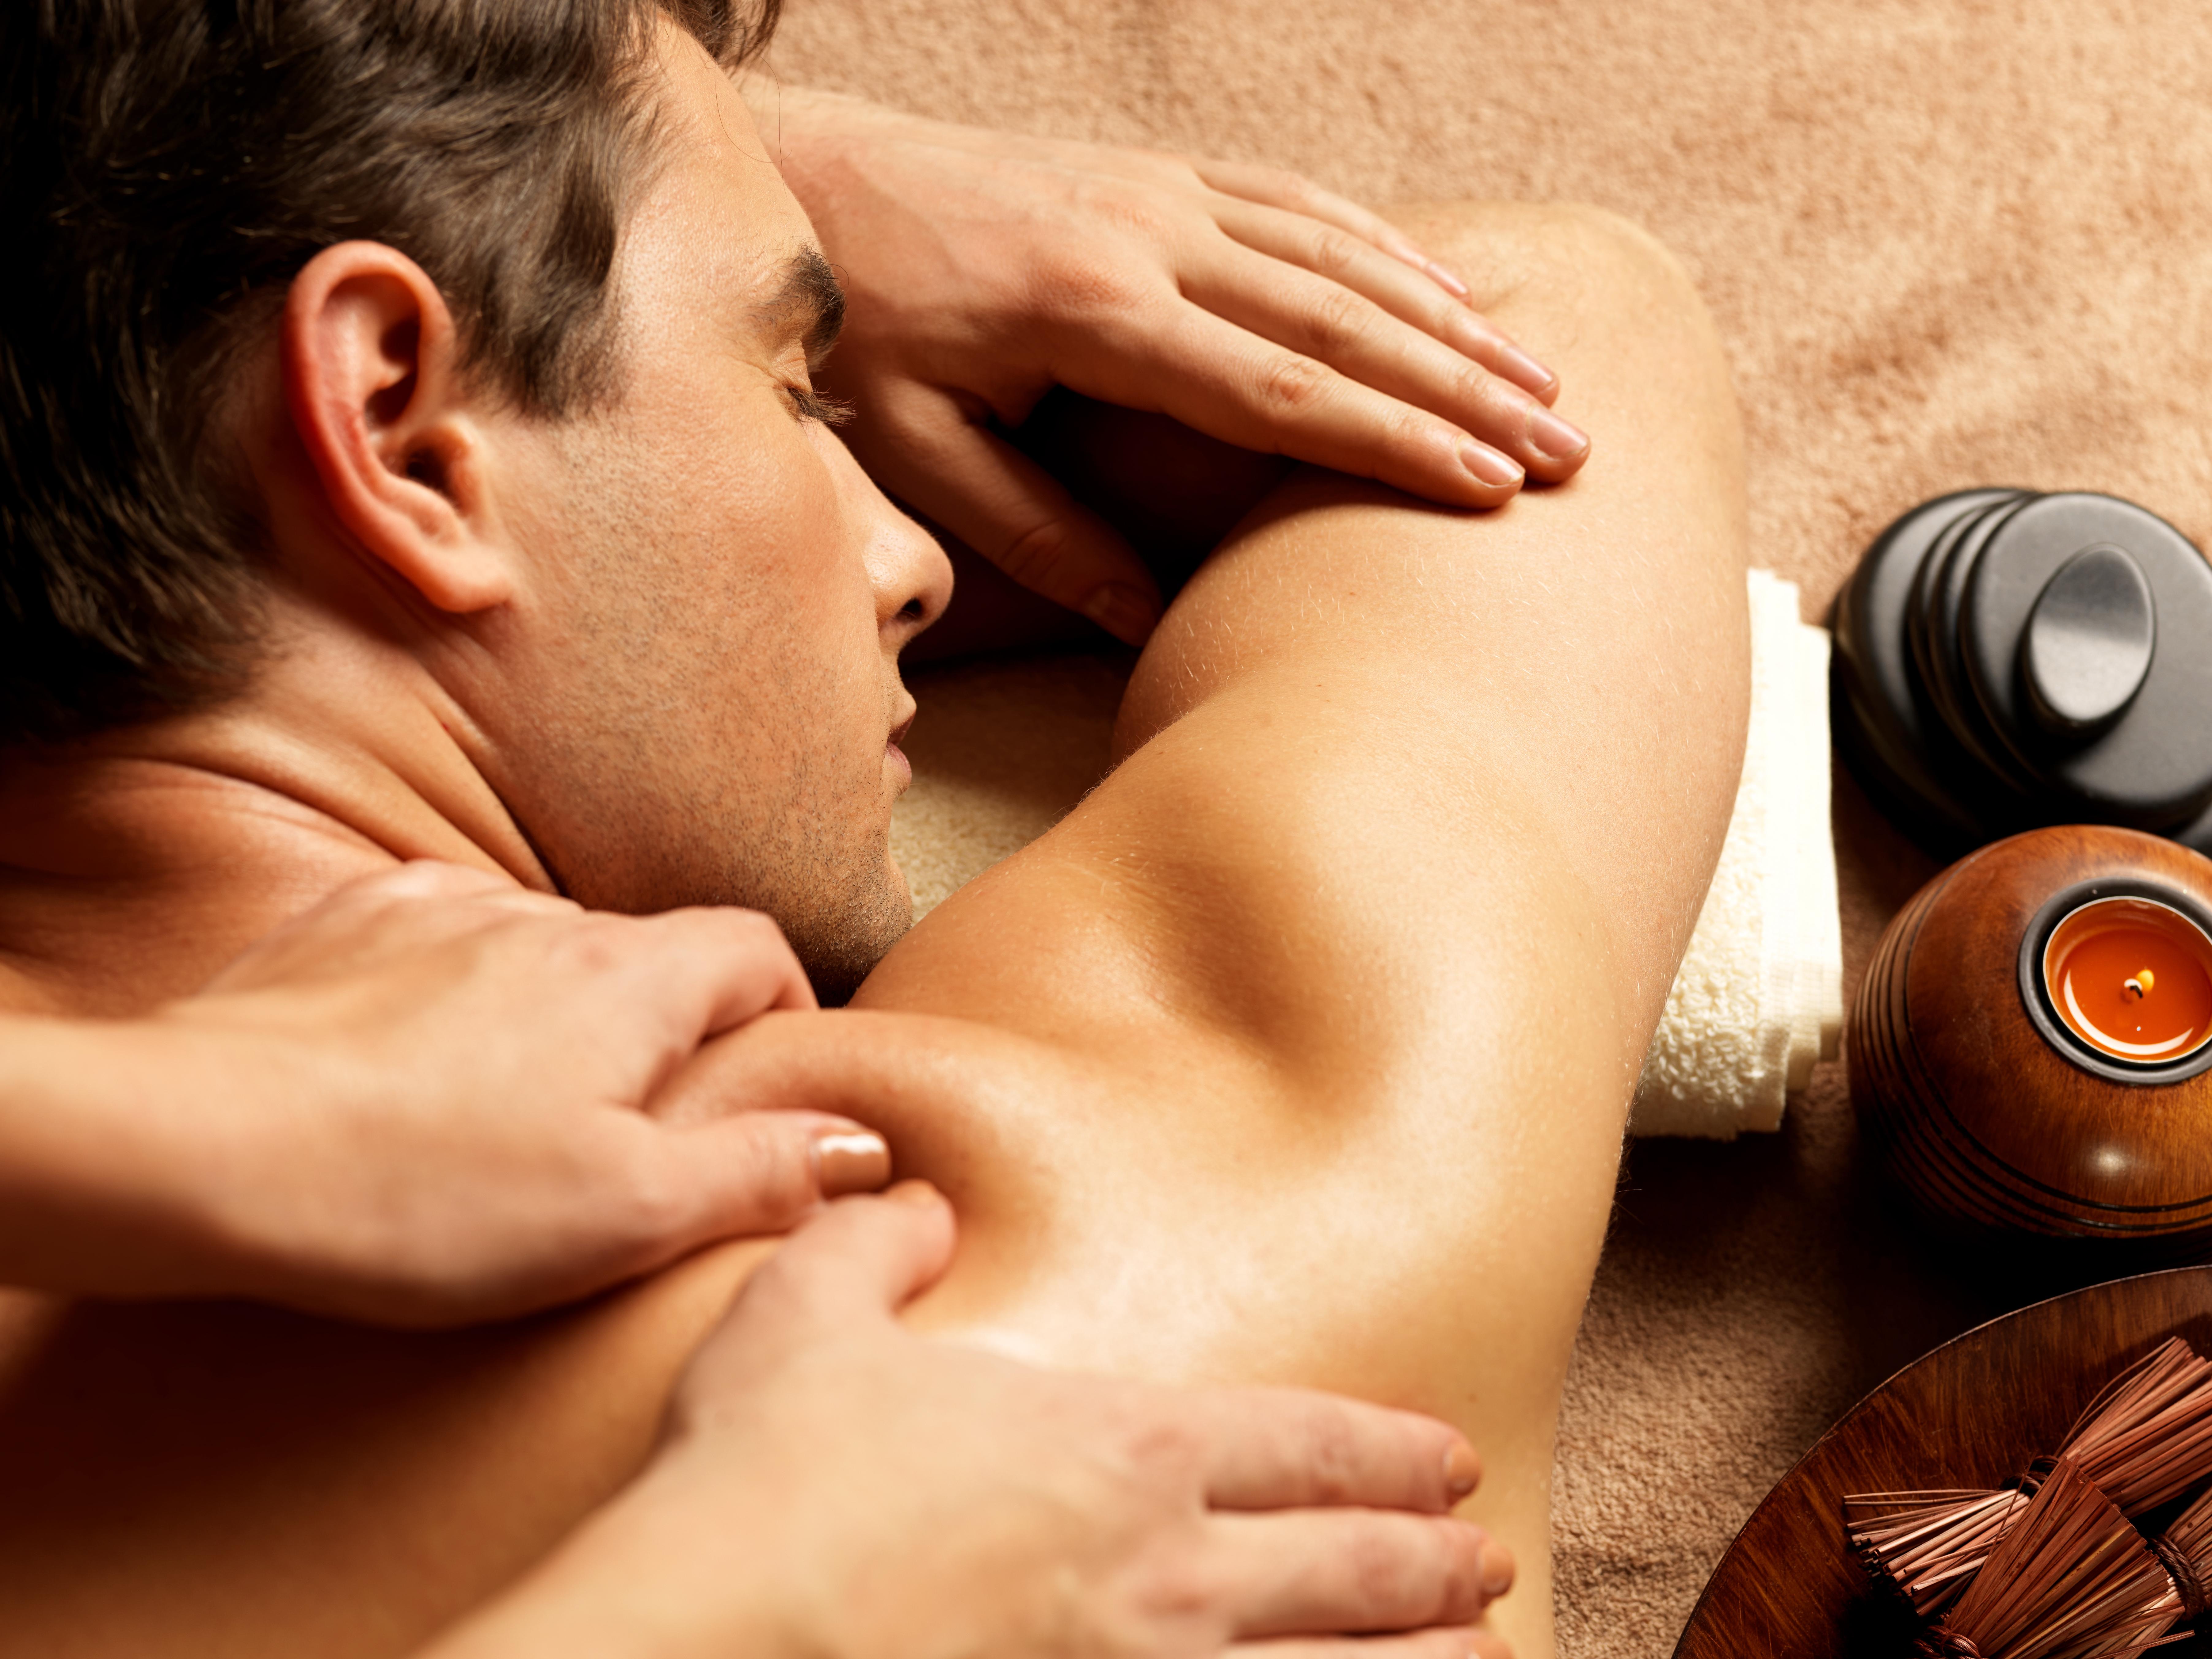 erotische massage aartselaar sexdate